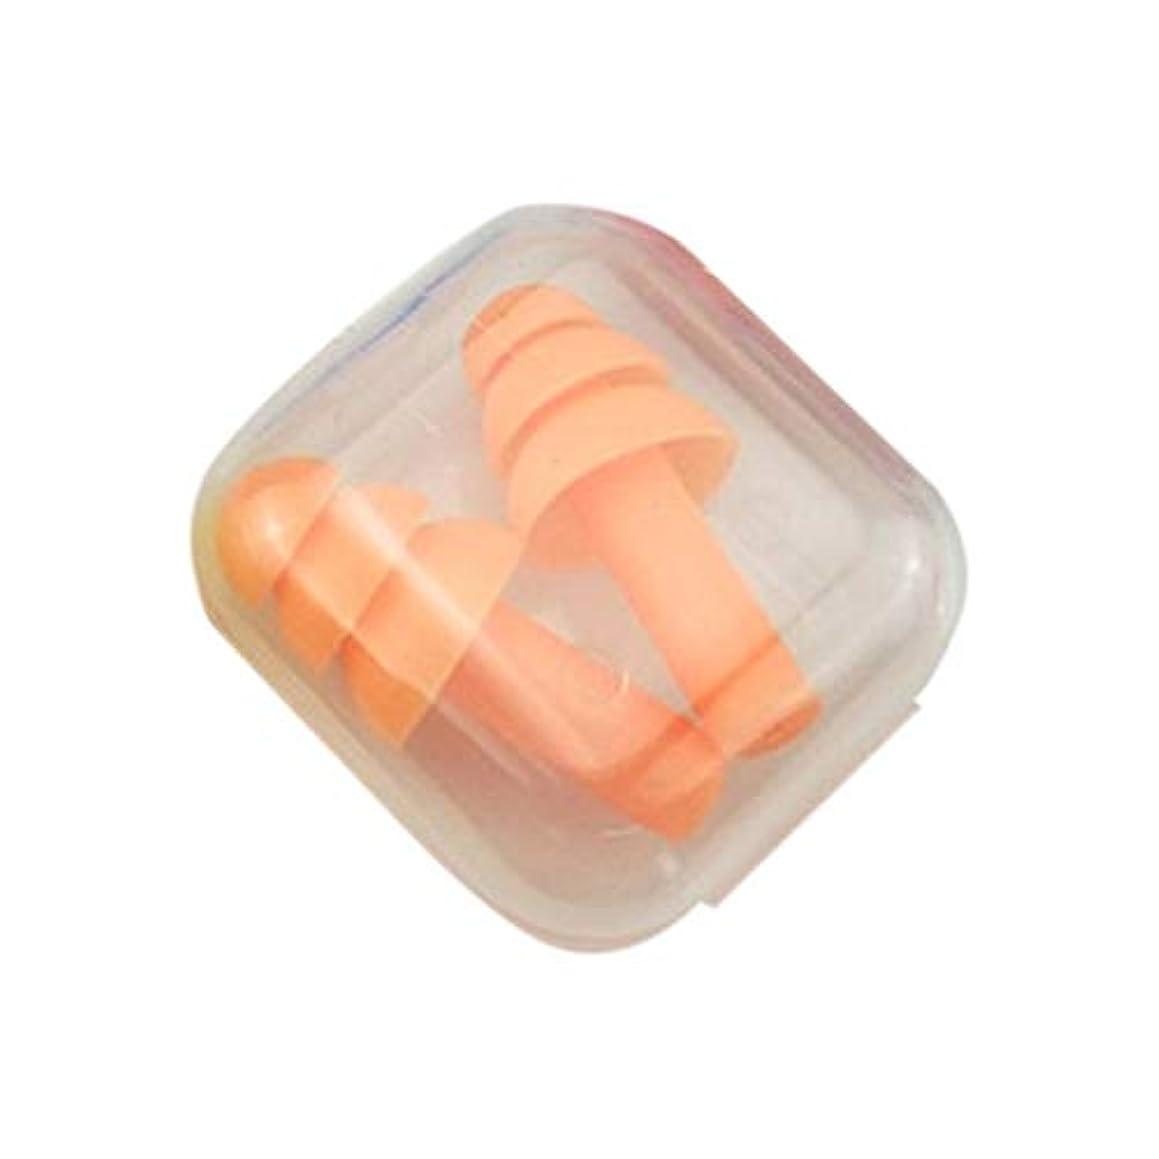 確認常識シングル柔らかいシリコーンの耳栓遮音用耳の保護用の耳栓防音睡眠ボックス付き収納ボックス - オレンジ